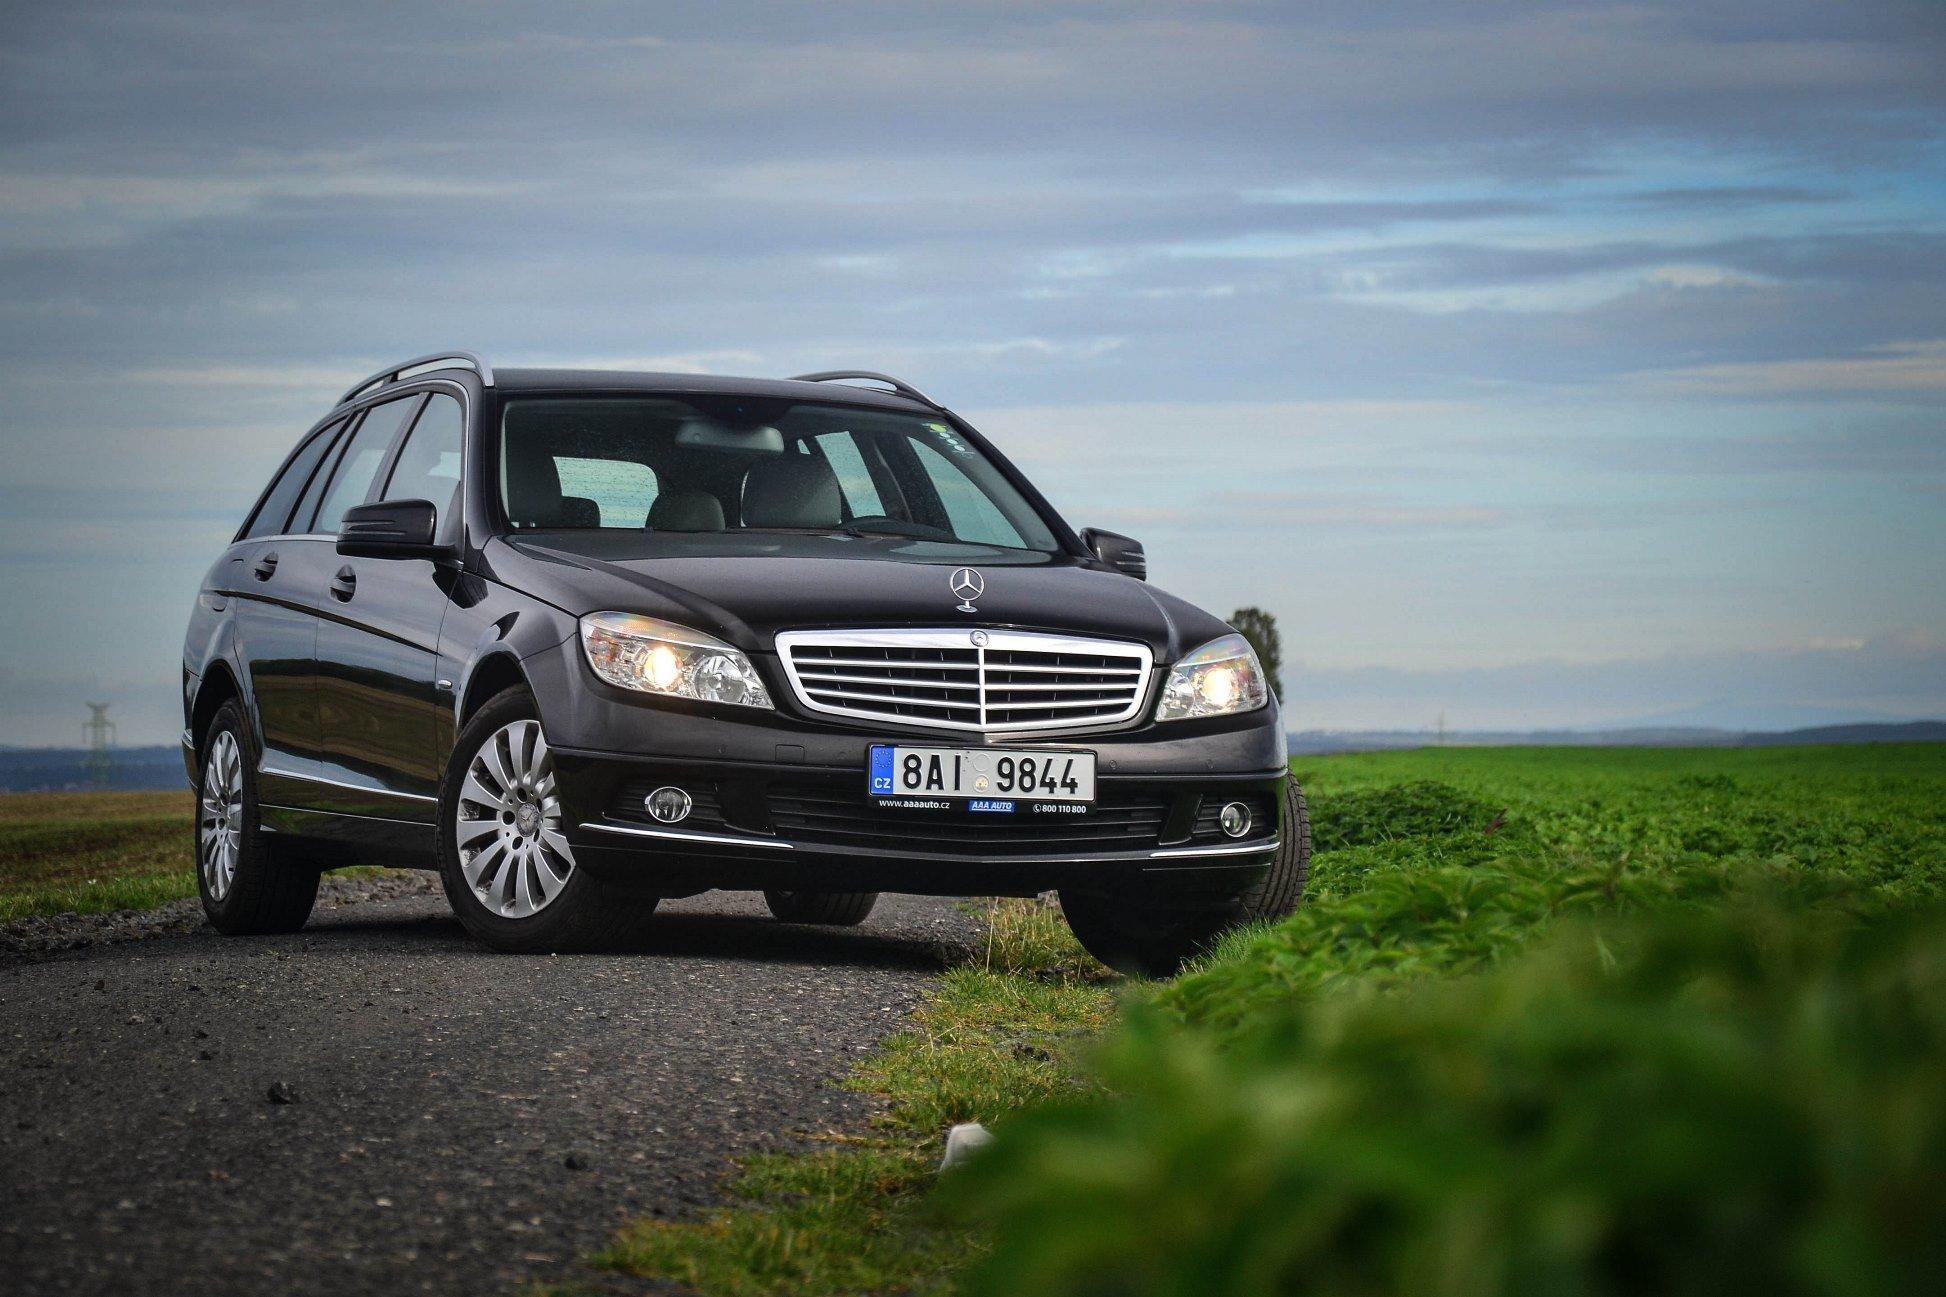 TEST: Mercedes Benz C 200 kompressor W204 - praktický elegán pro každý den za příznivou cenu - anotační obrázek